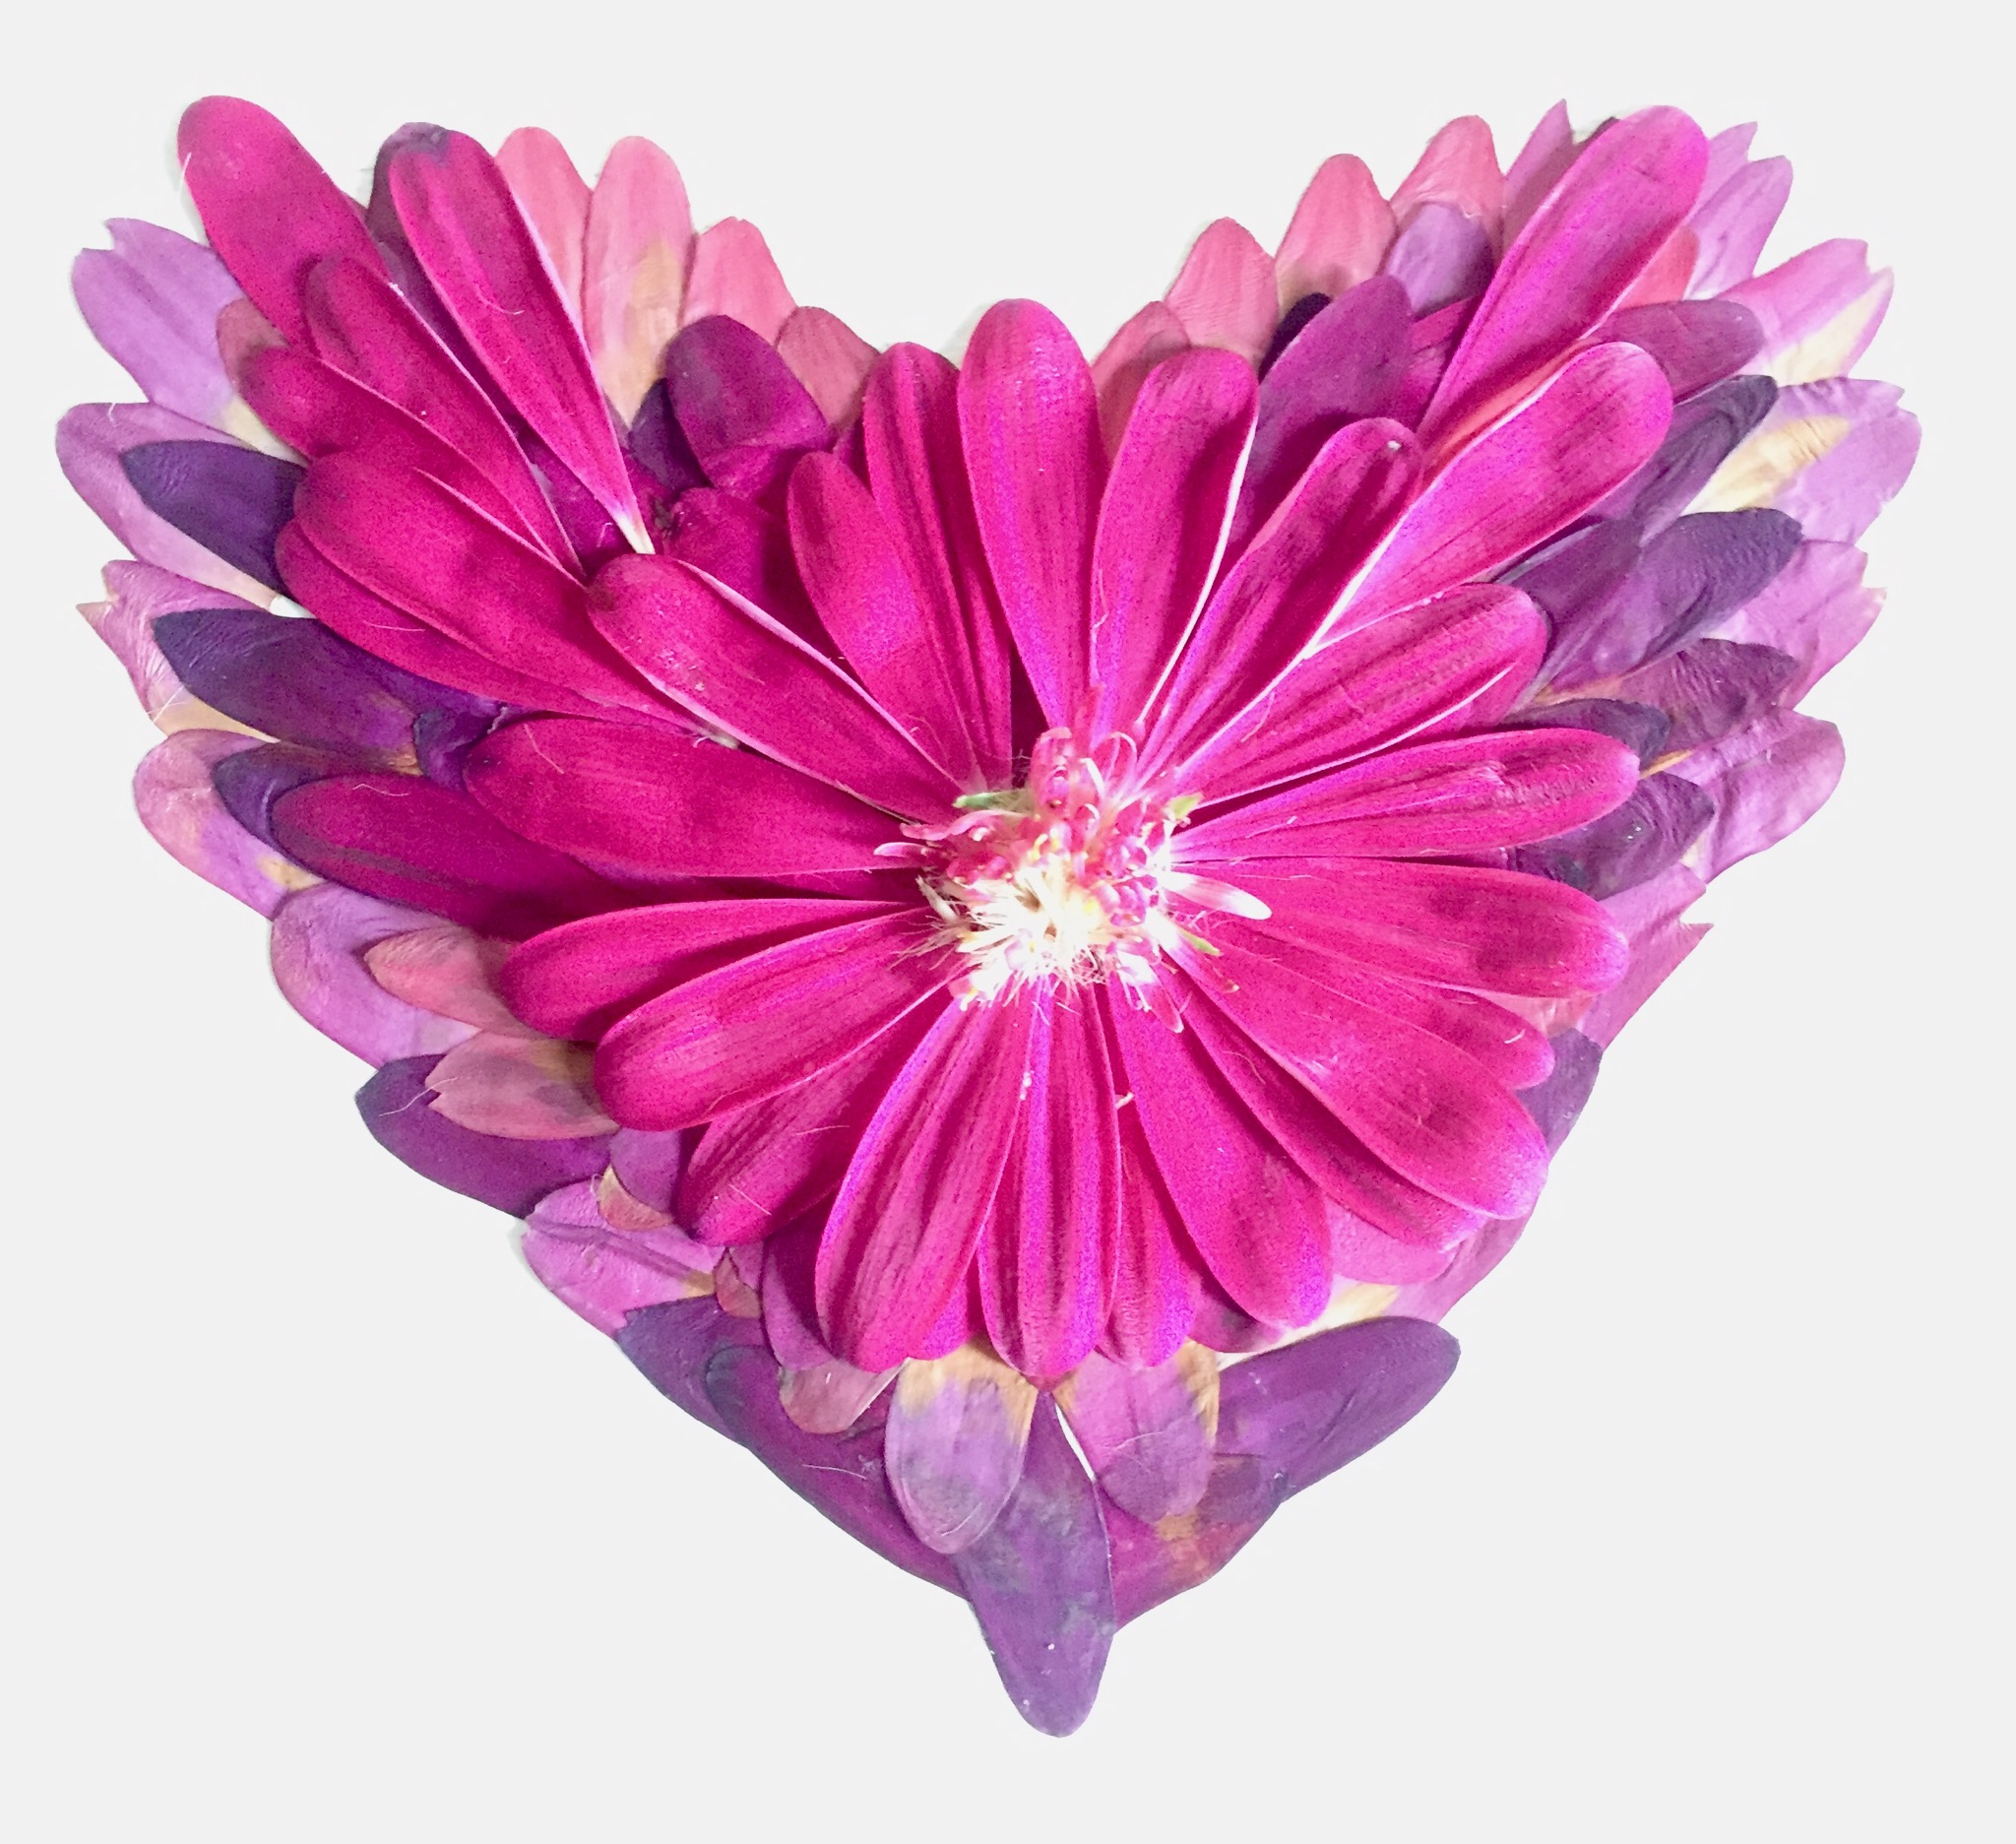 Copy of heart flower.jpg